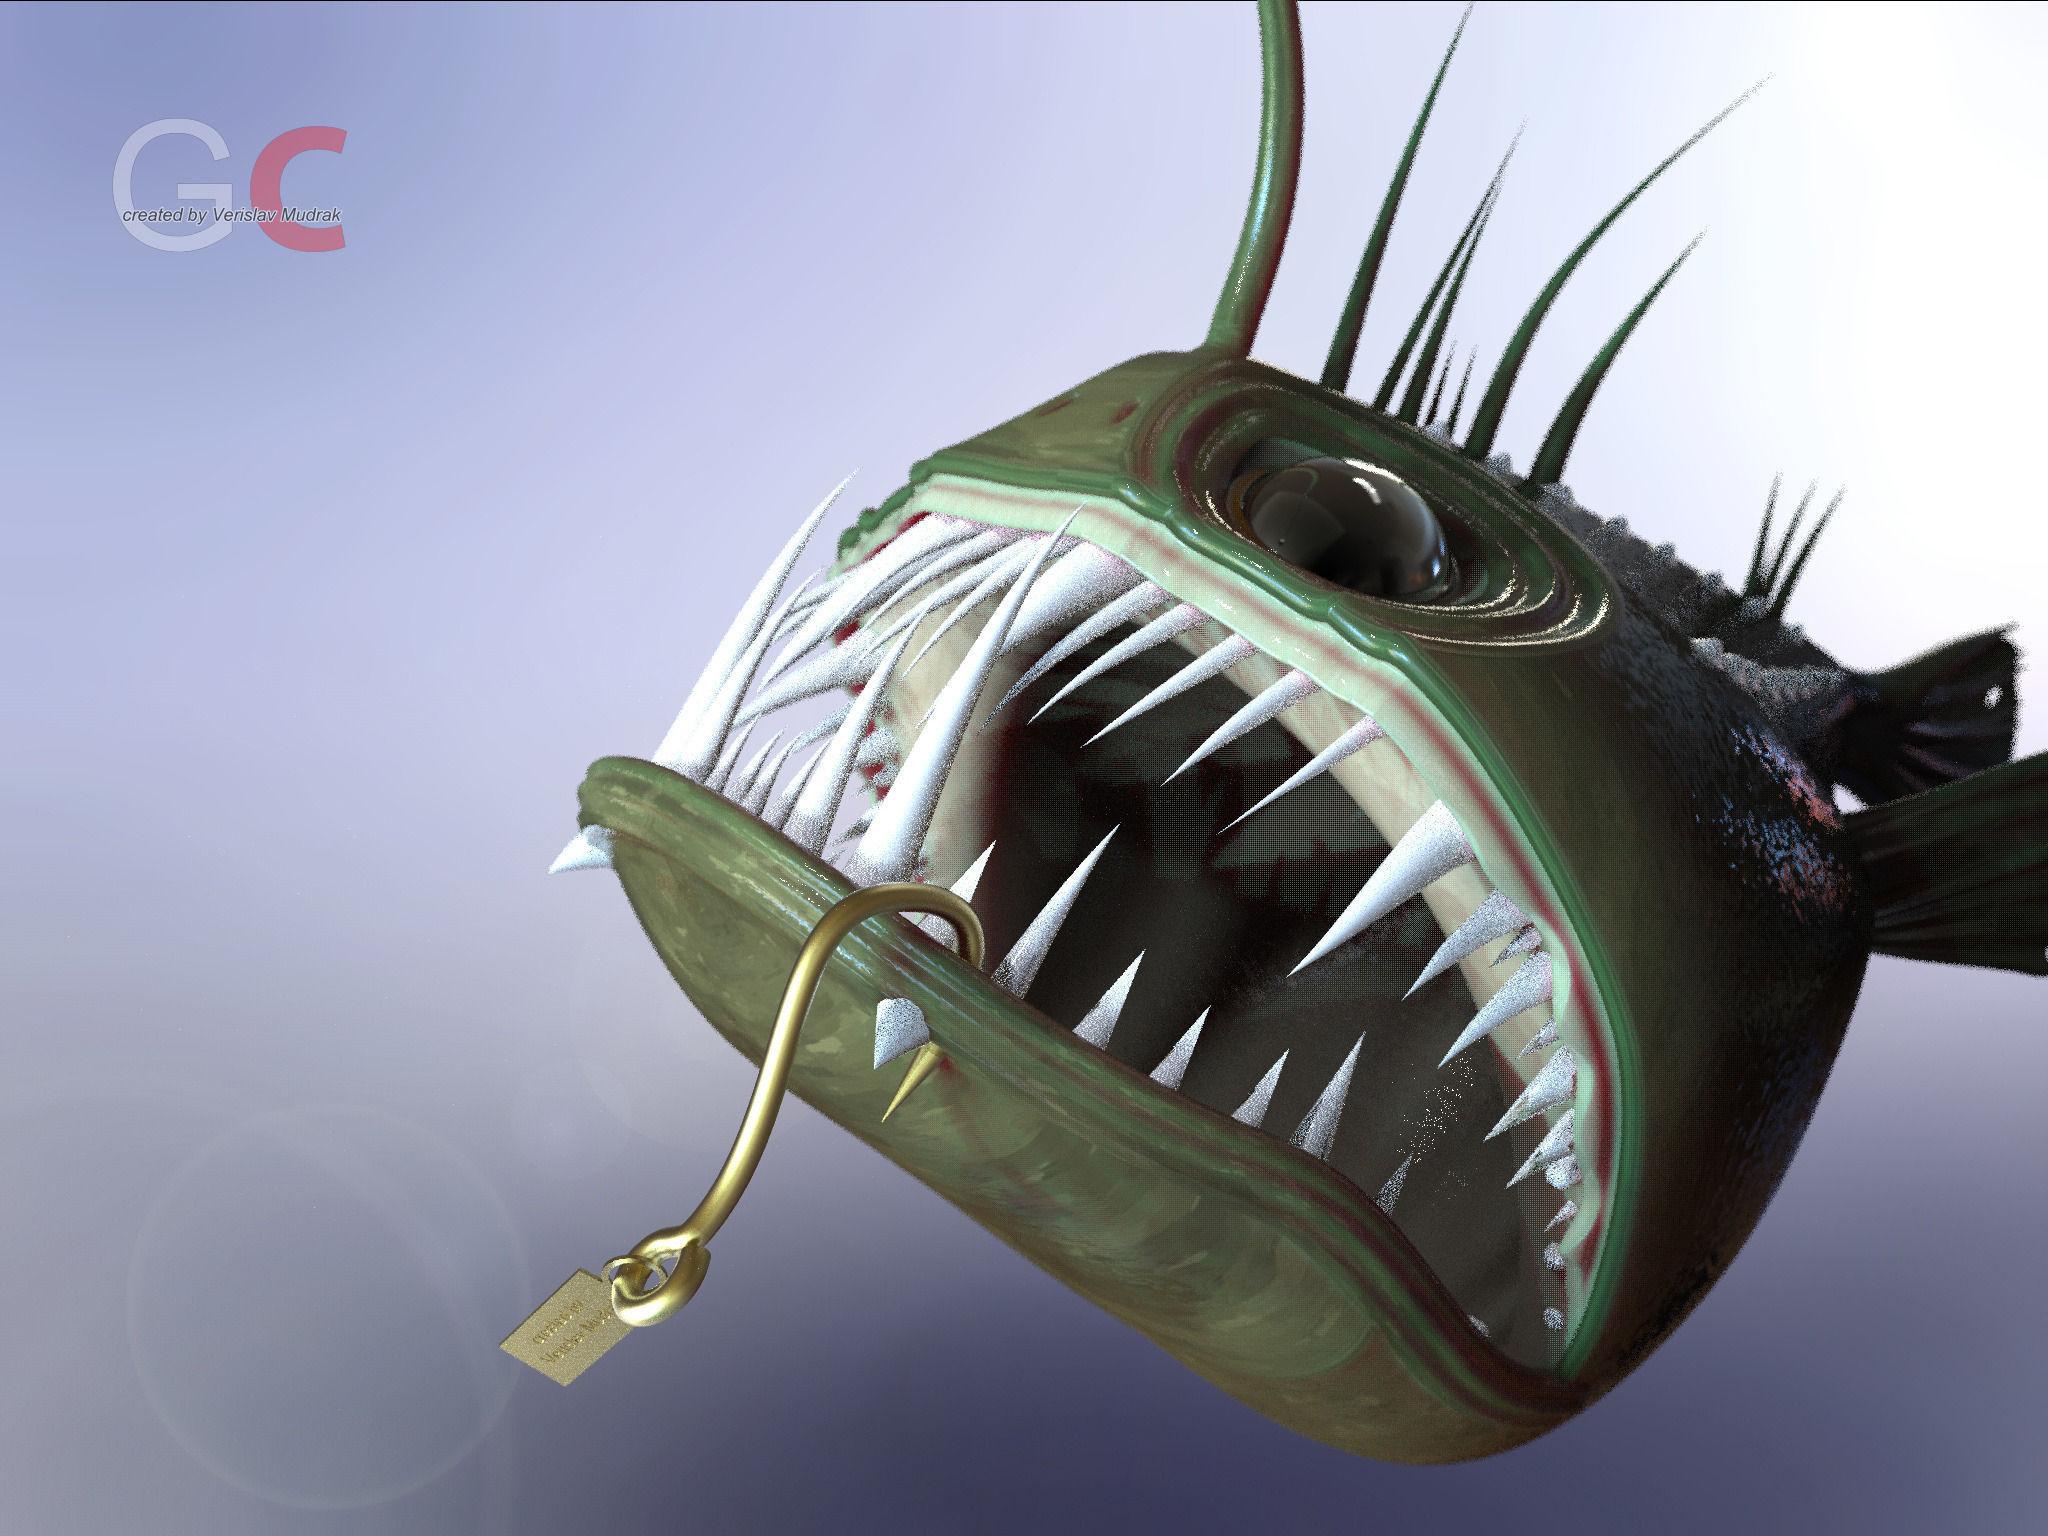 Angler fish angus free 3d model stl sldprt sldasm slddrw for Angler fish for sale